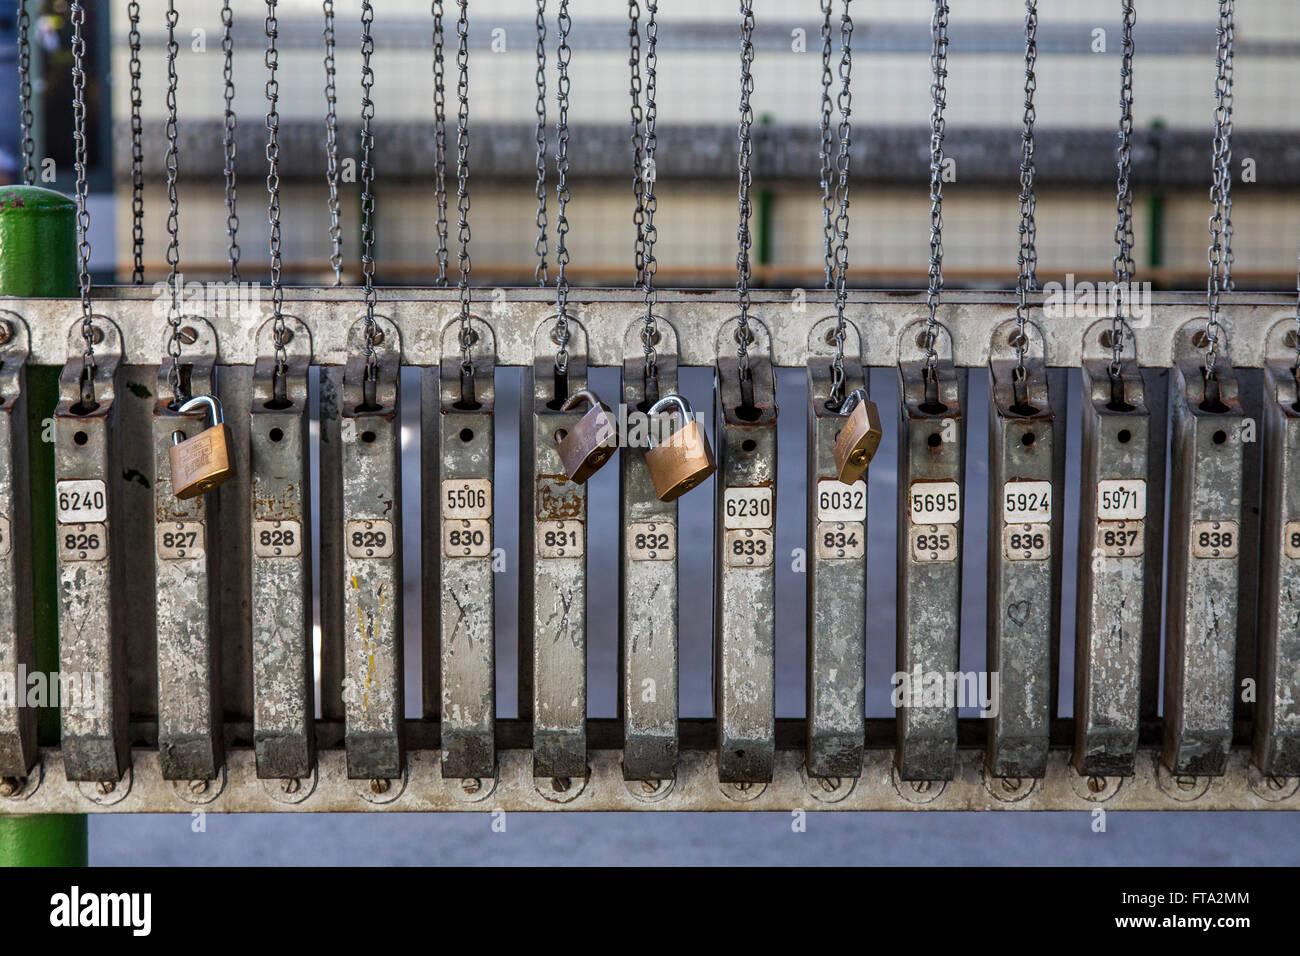 Die Hansa Kokerei in Dortmund, Deutschland, heute ein Museum, Industriedenkmal, Zechenhaus Bad, Umkleide, Ketten, Stockbild